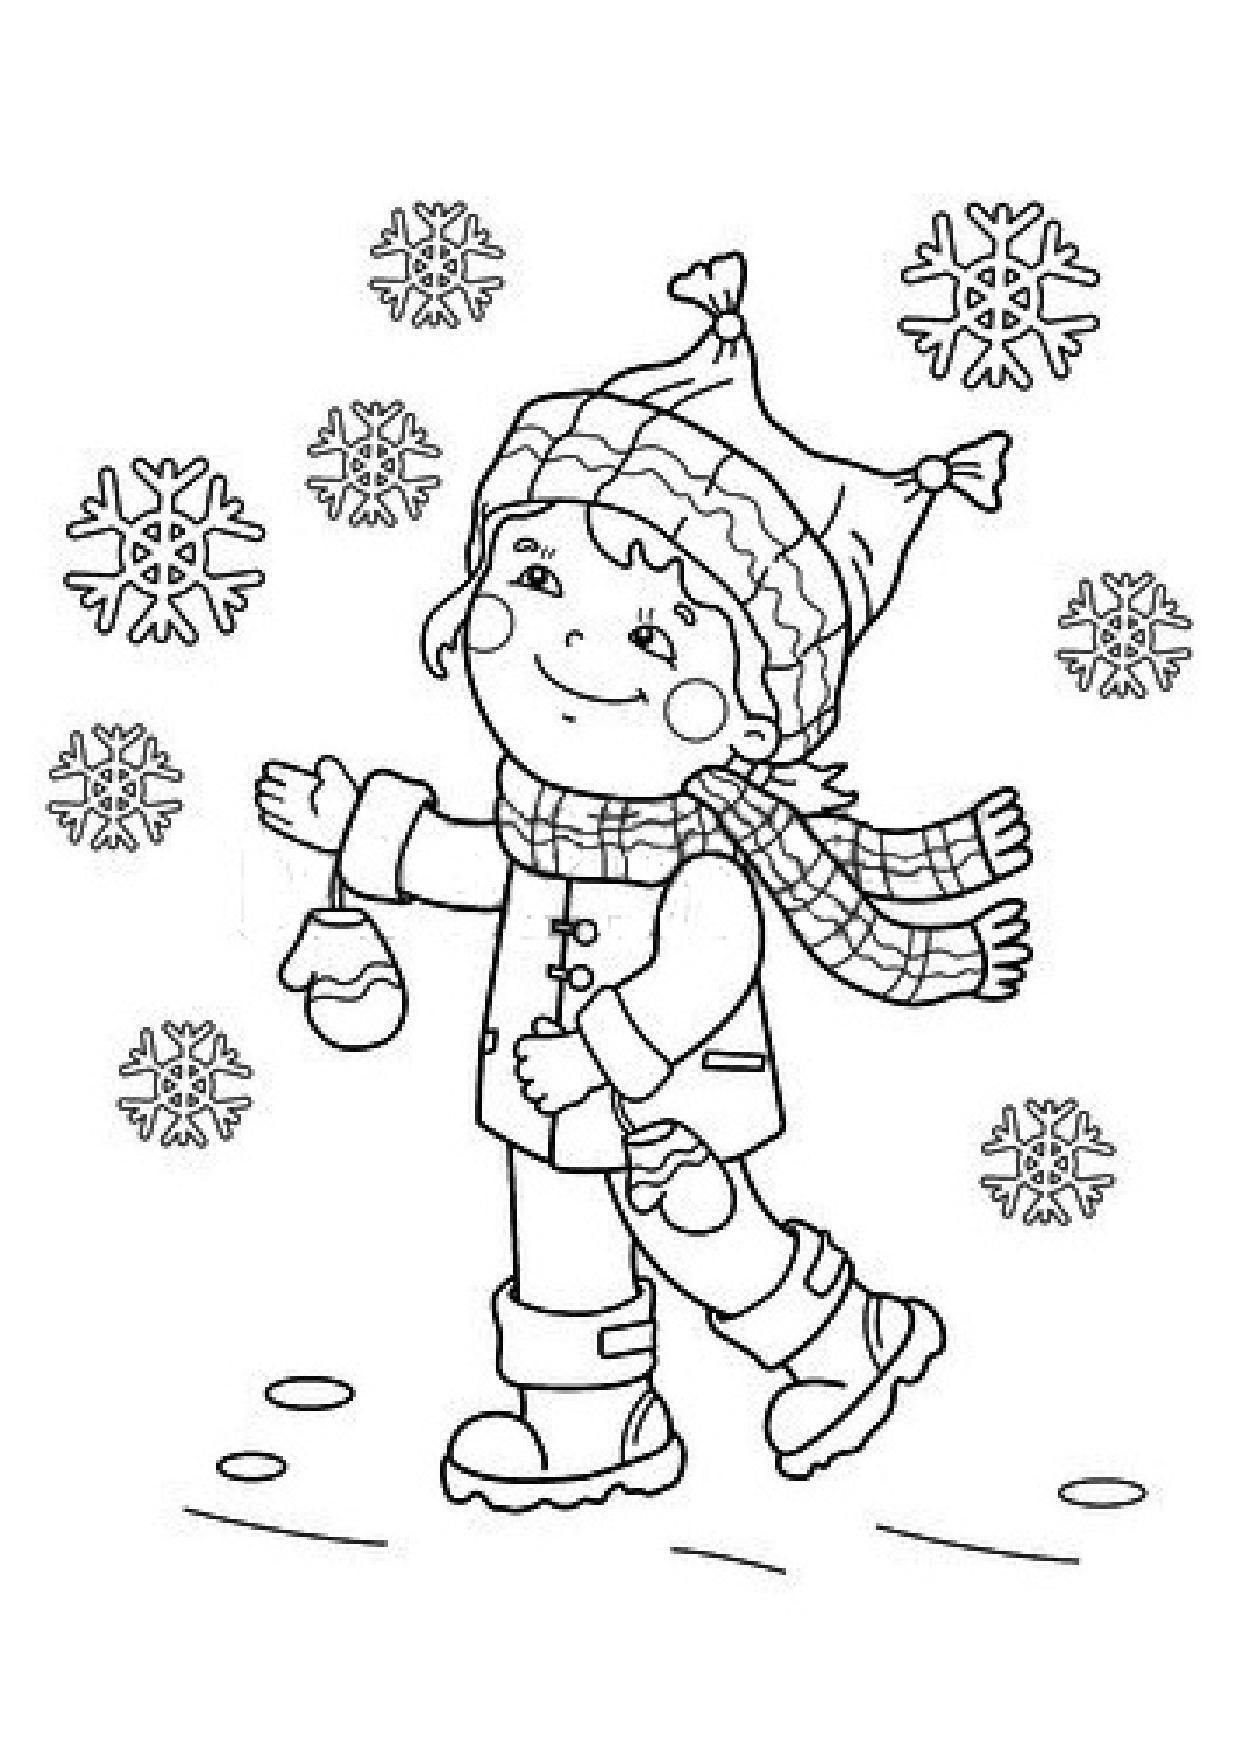 Coloriage enfant et flocons de neige - Dessin de neige ...